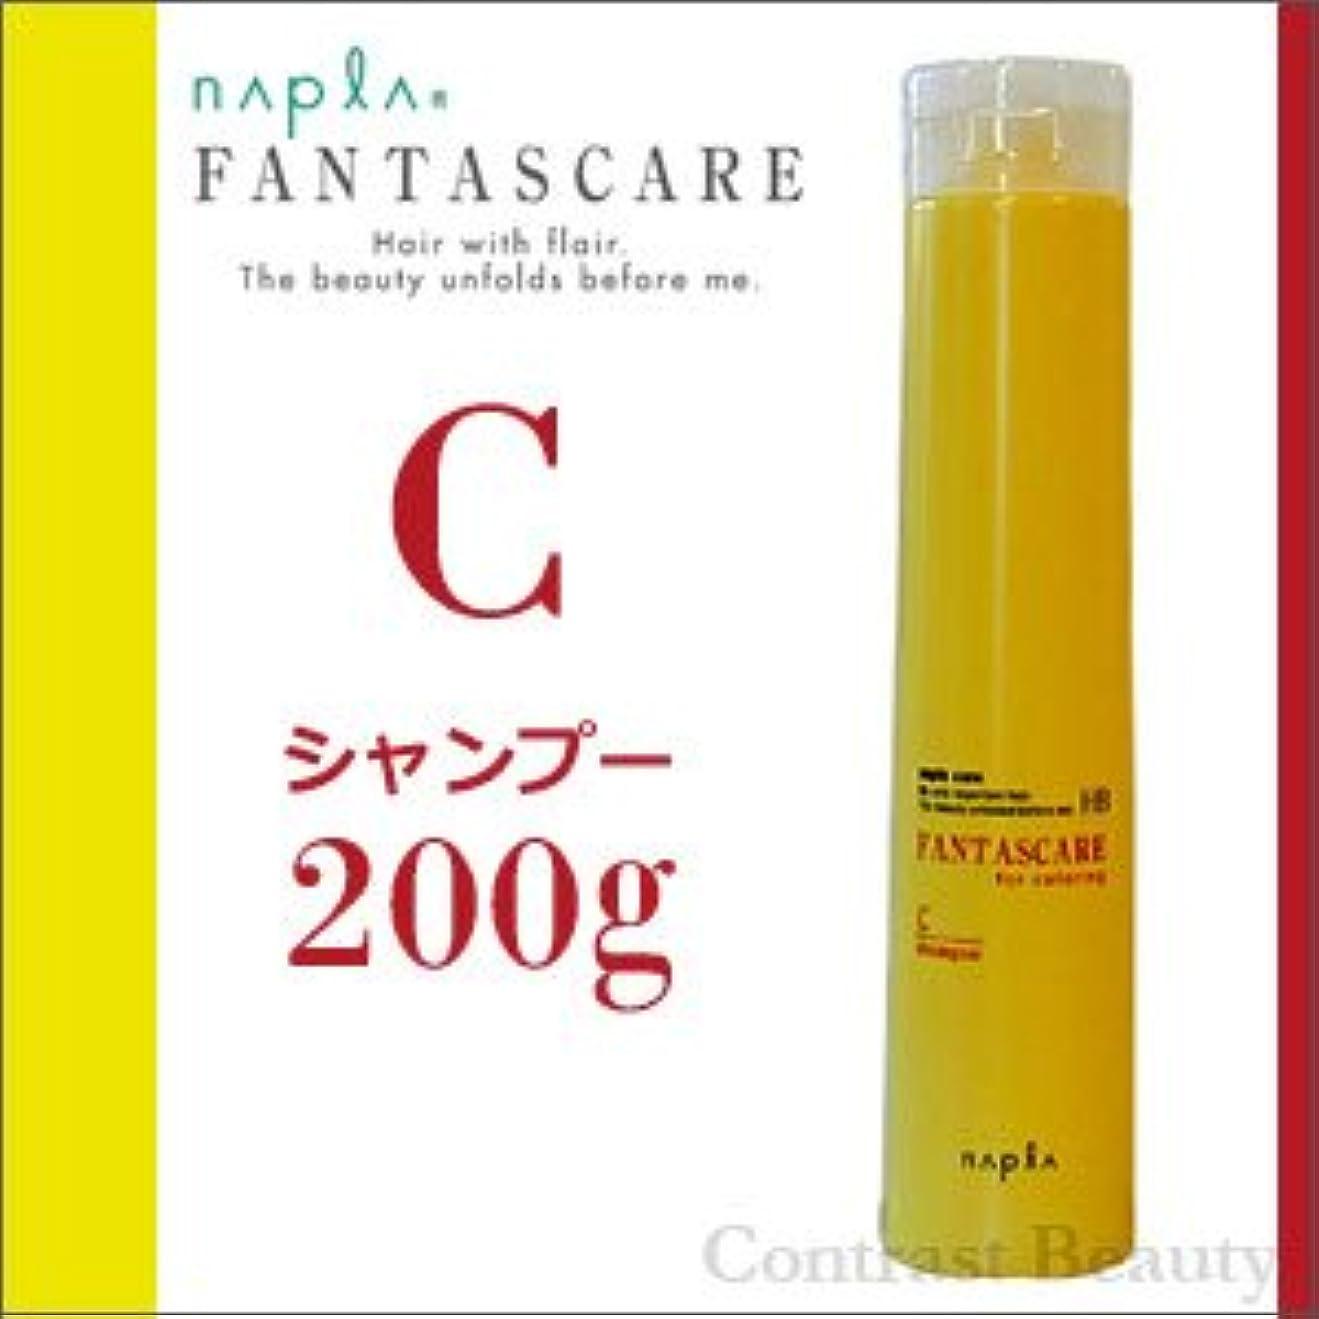 【X3個セット】 ナプラ ファンタスケア Cシャンプー 200g napla